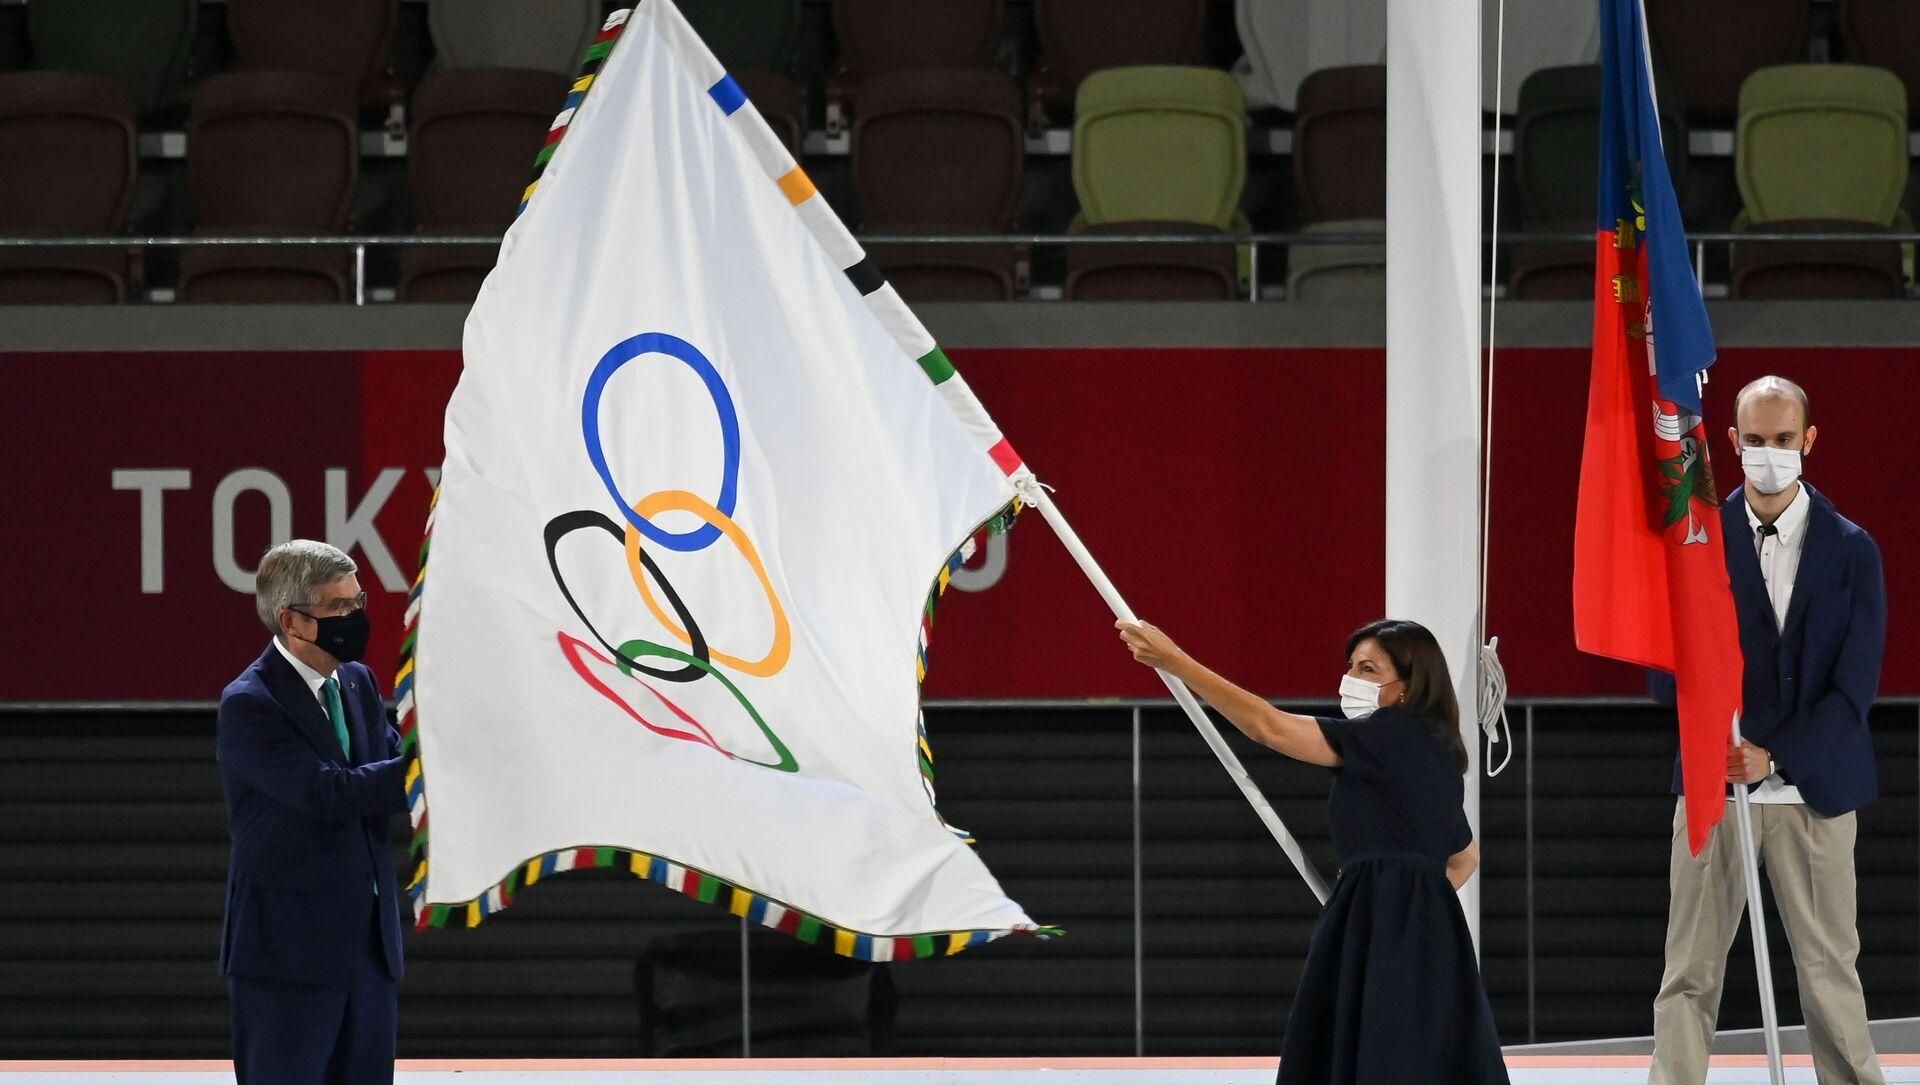 Церемония закрытия XXXII летних Олимпийских игр в Токио - Sputnik Абхазия, 1920, 08.08.2021